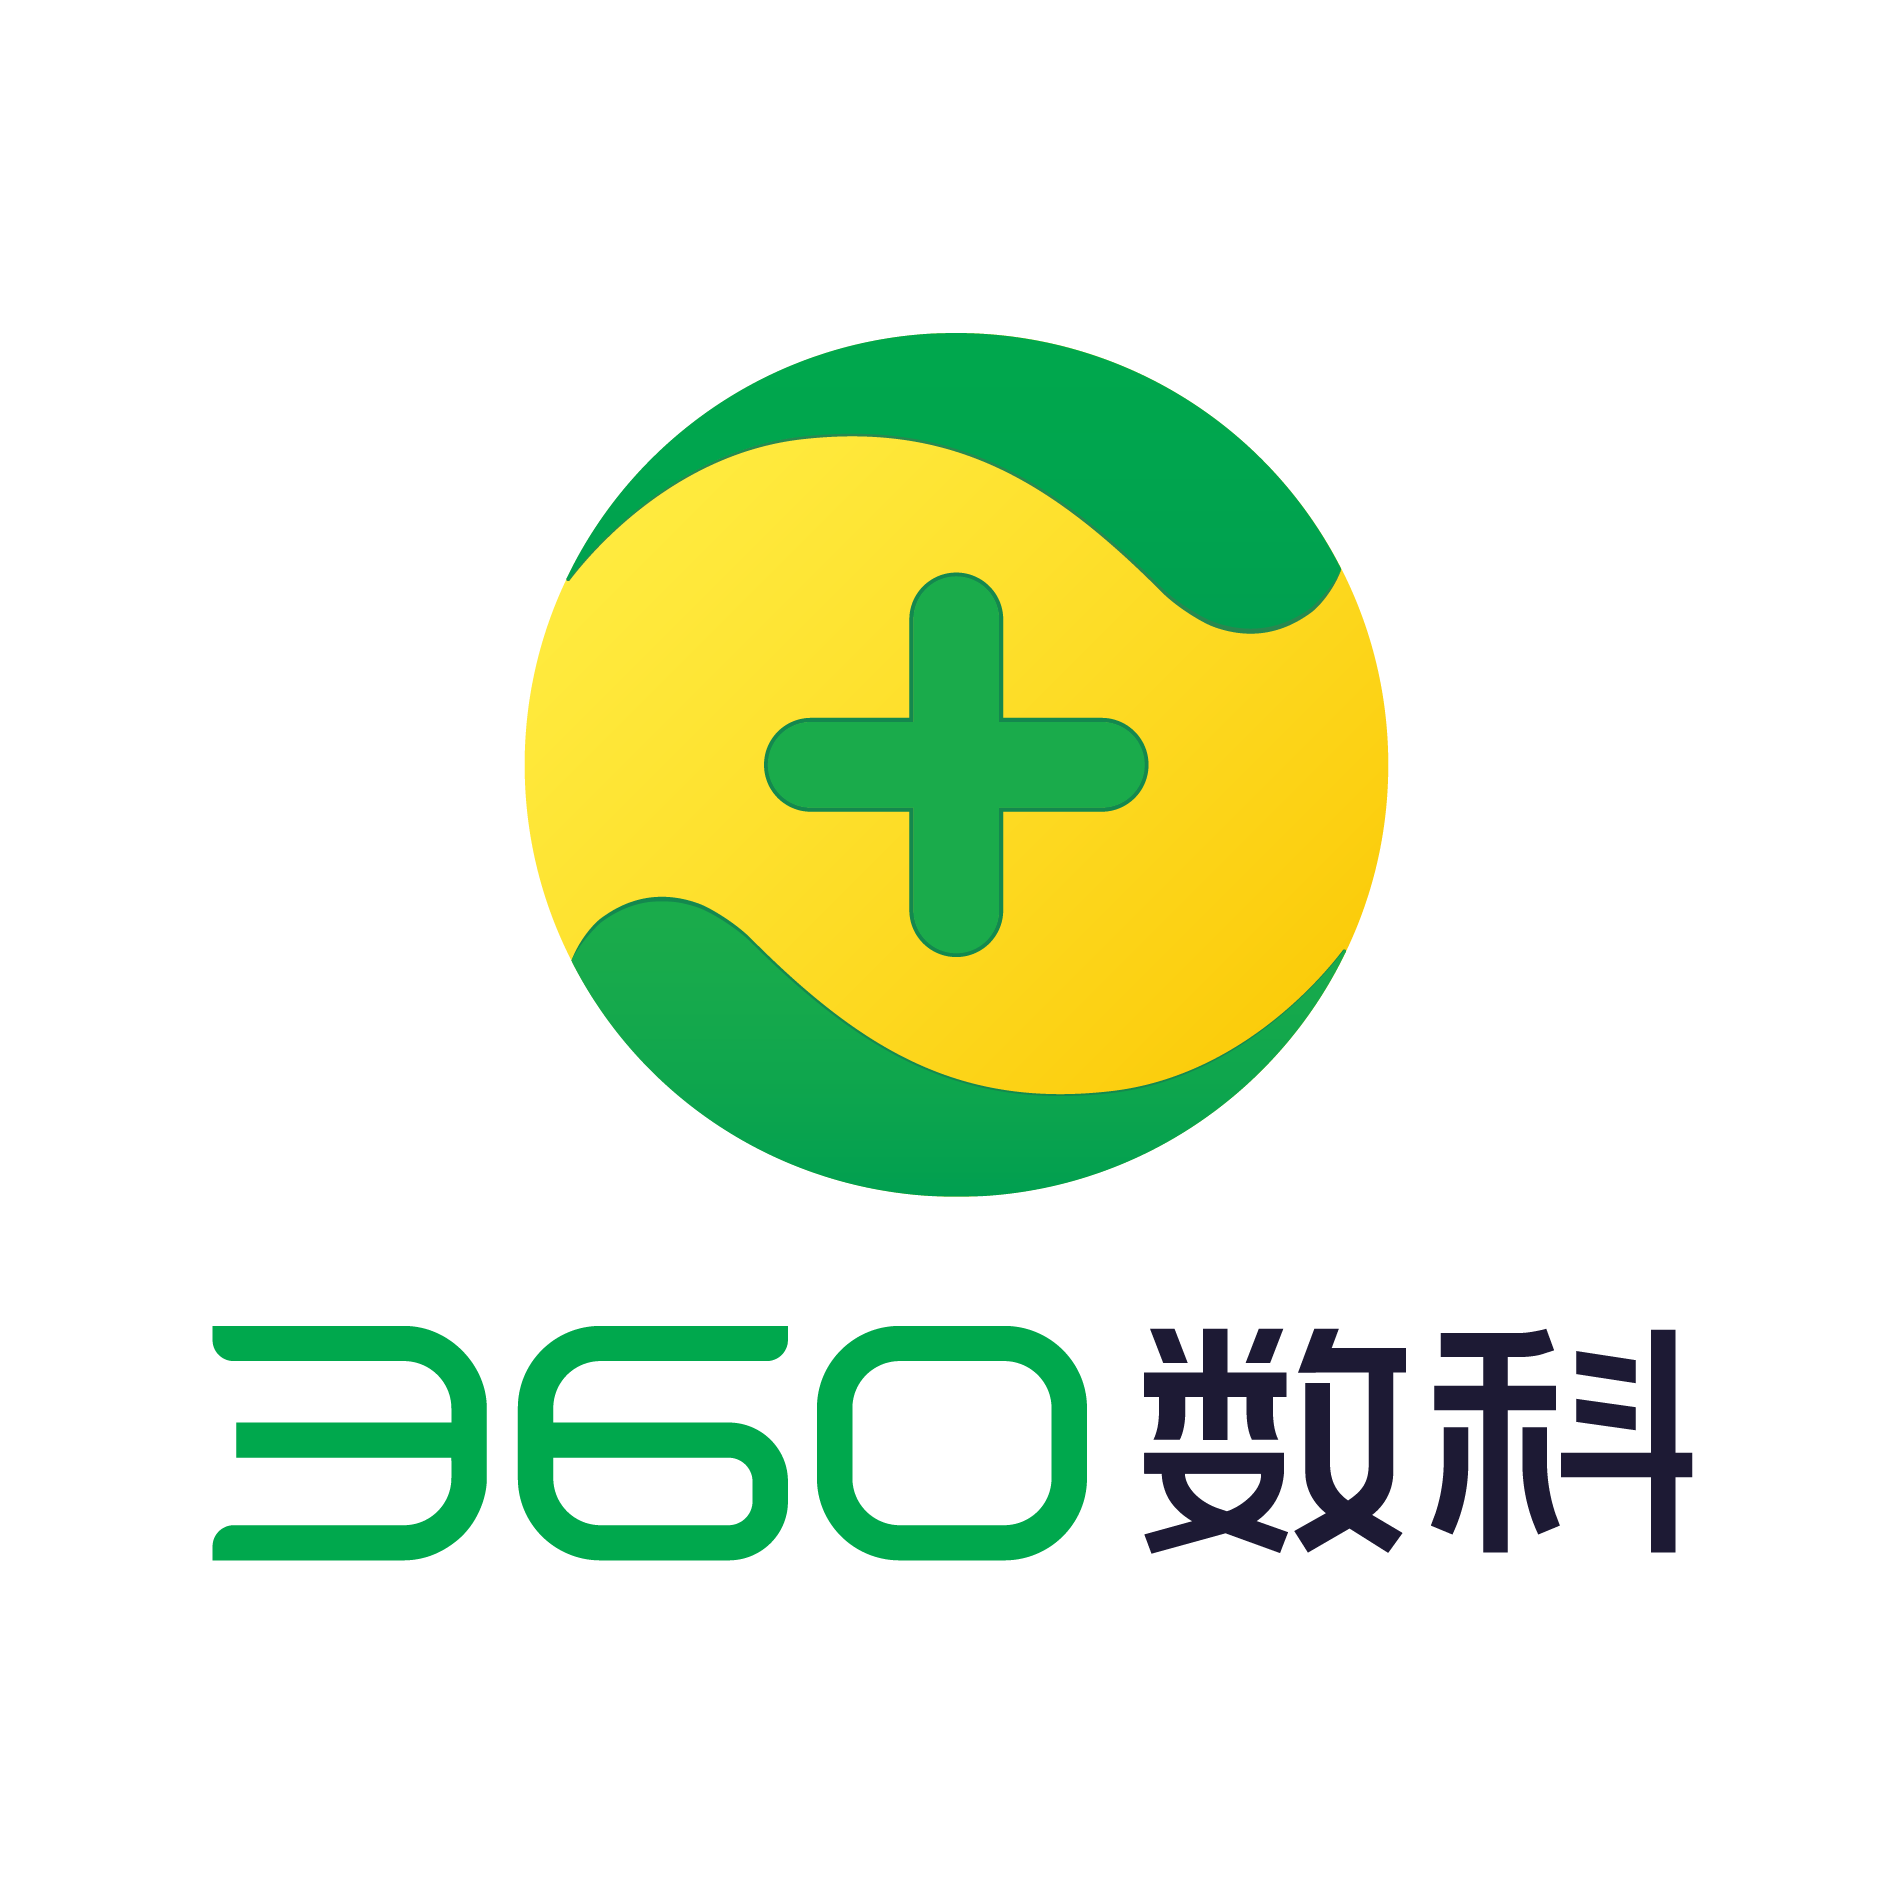 青海什么网找工作靠谱+360数科